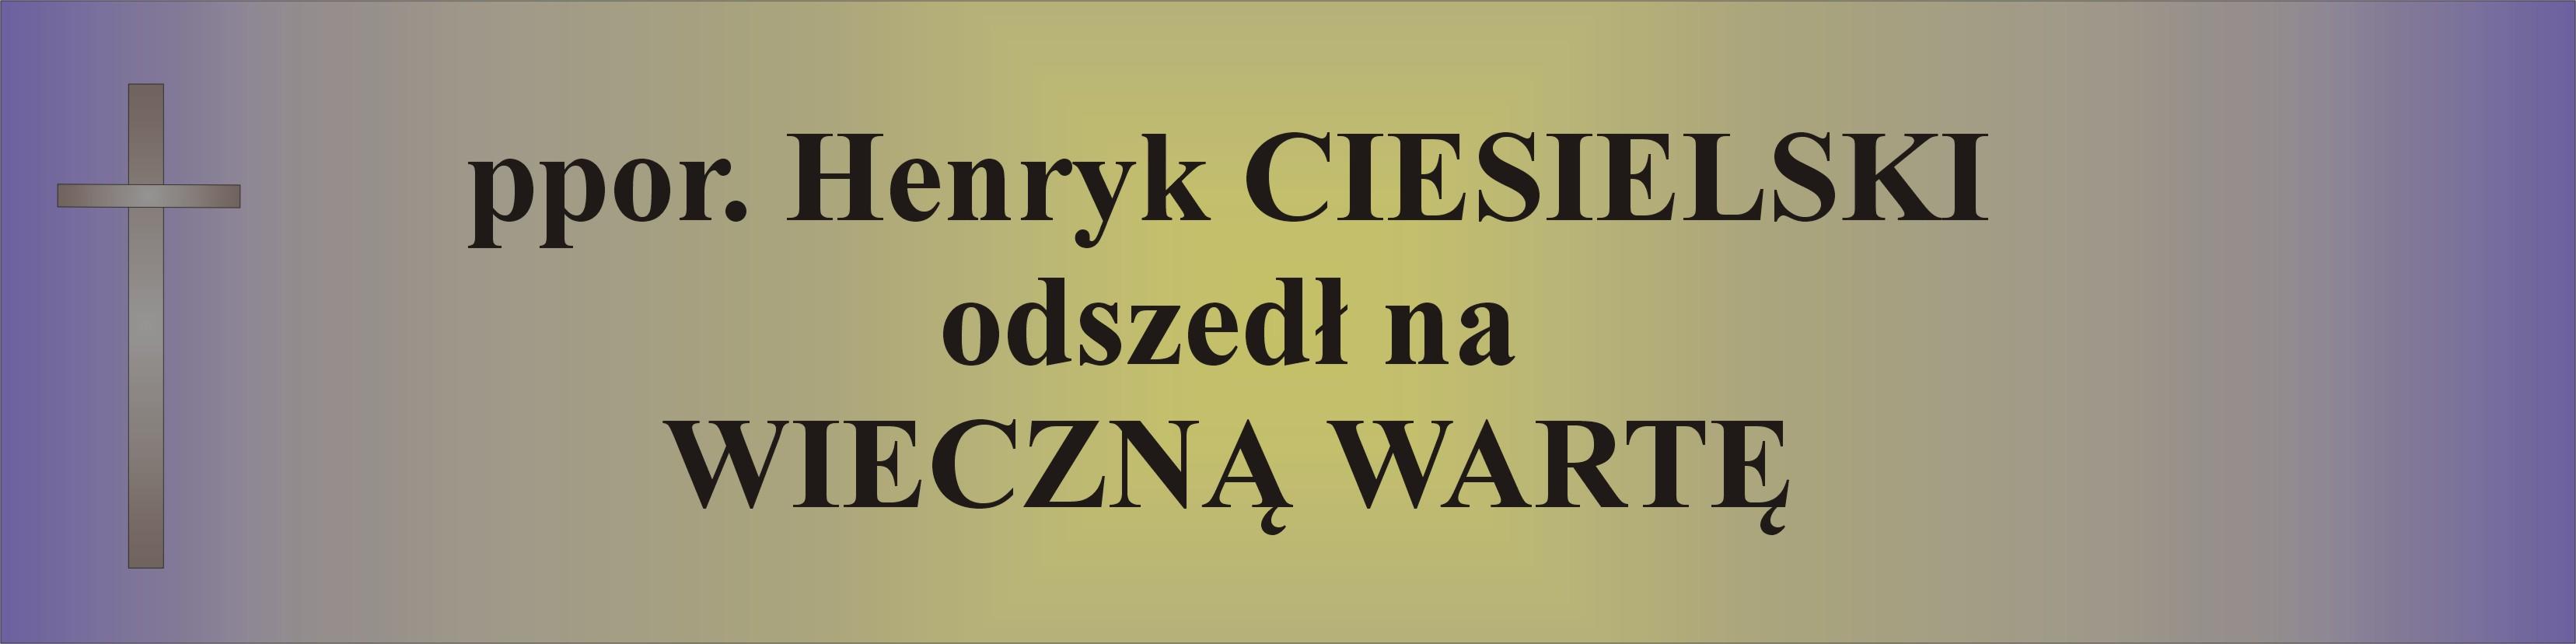 ciesielski-nagc582c3b3wek